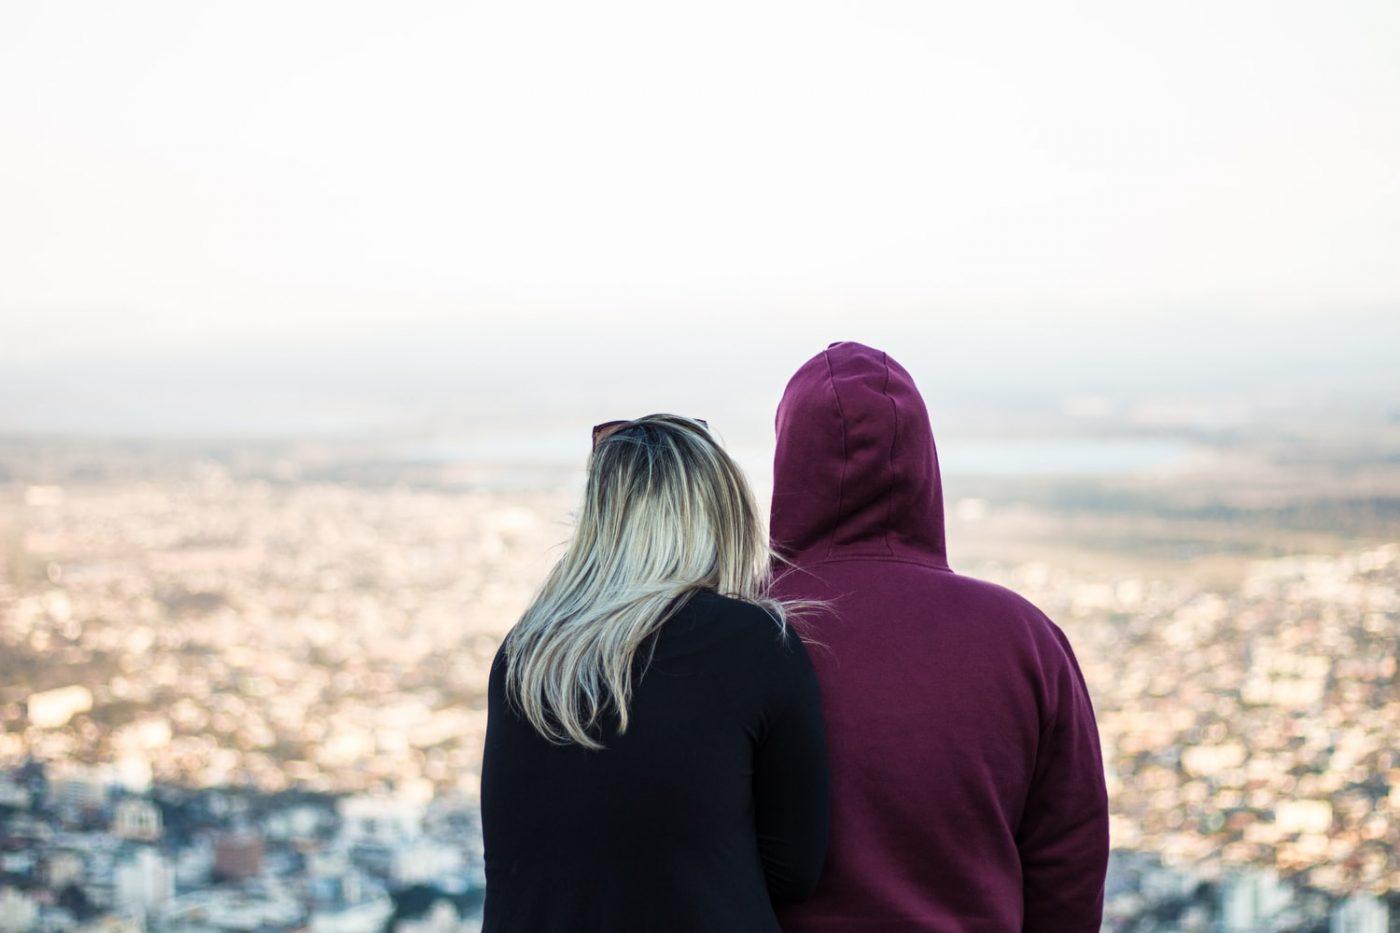 Le nouveau vocabulaire amoureux qui rend les relations modernes si compliquées